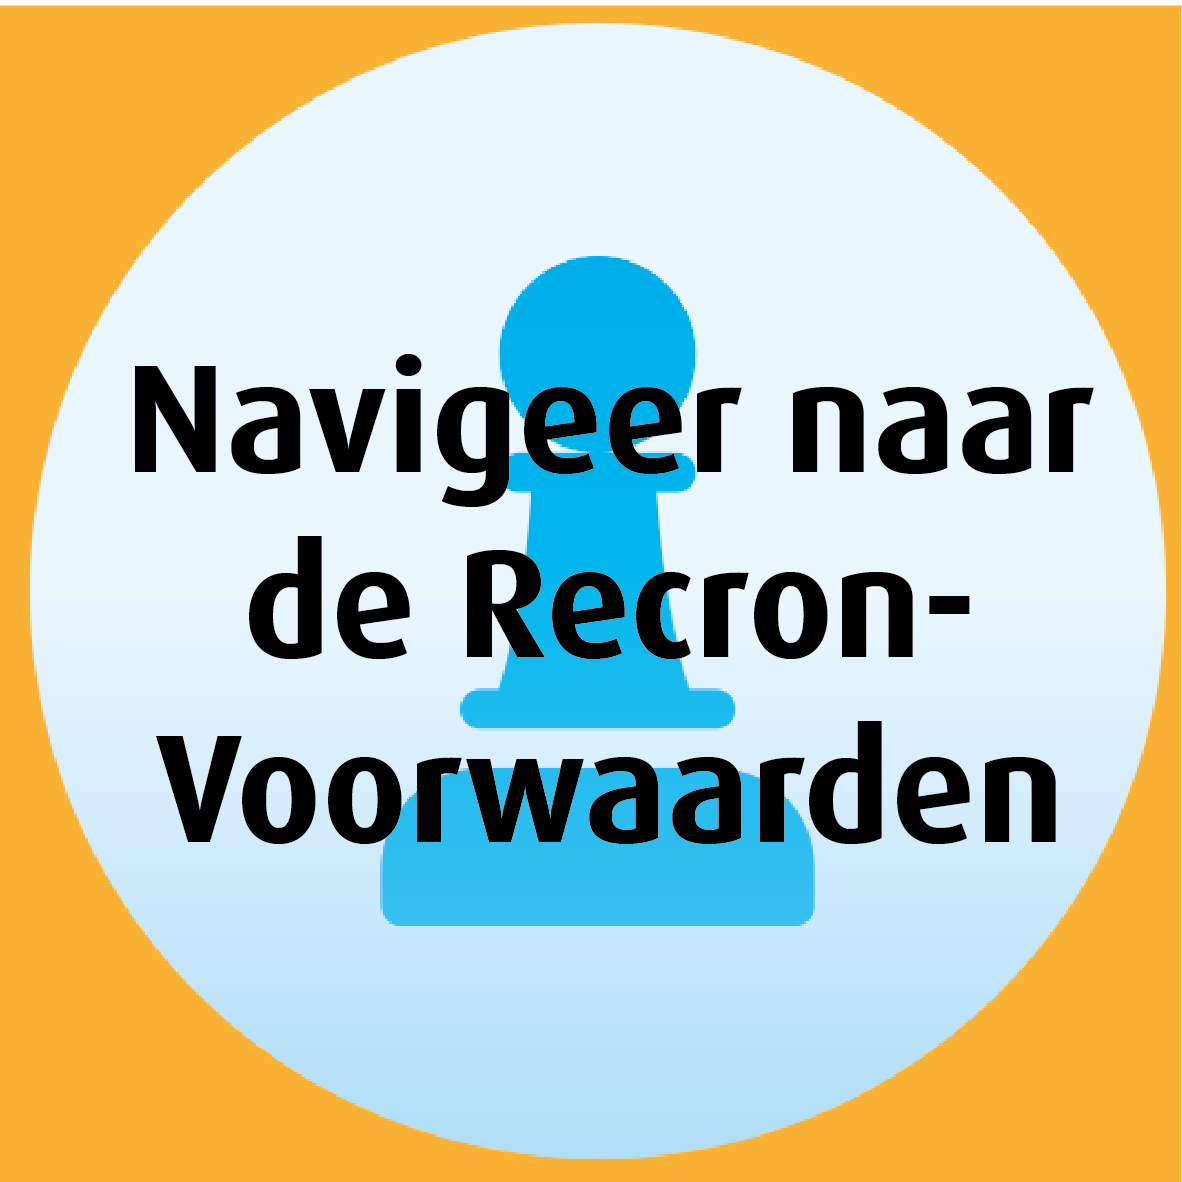 Navigeer naar de Recron-Voorwaarden